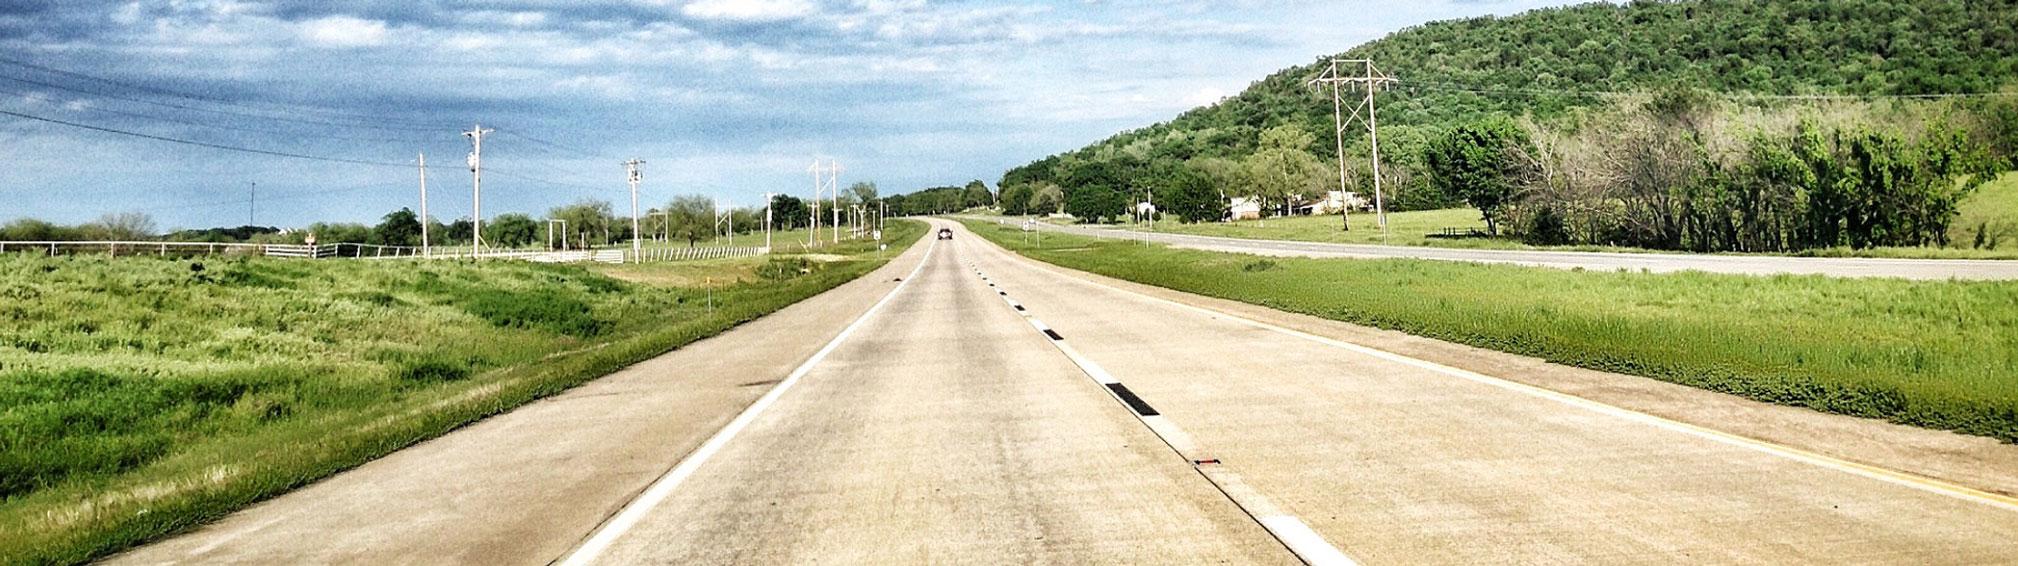 mullin-open-road.jpg